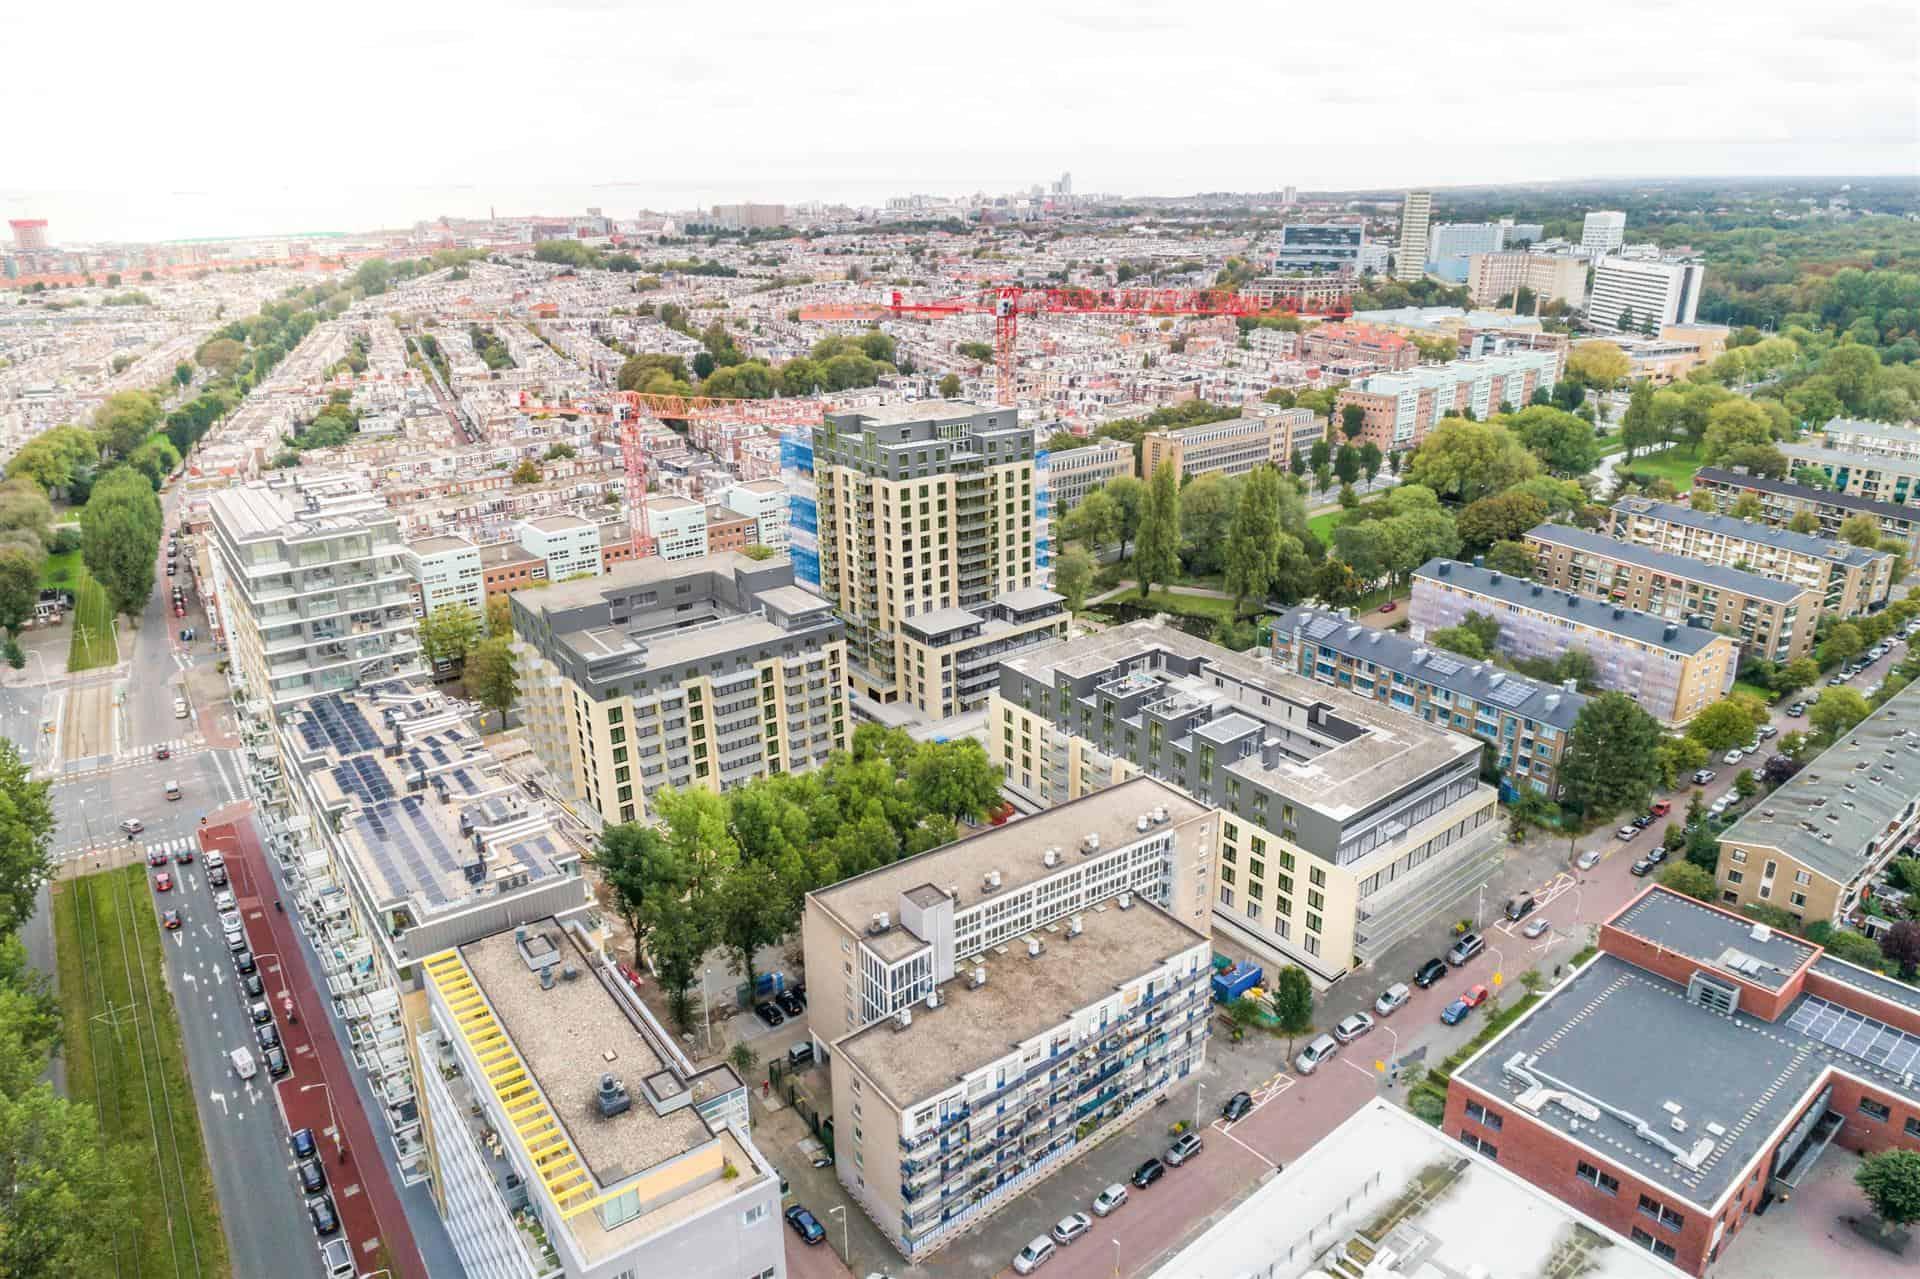 Stadhouders Den Haag birdview